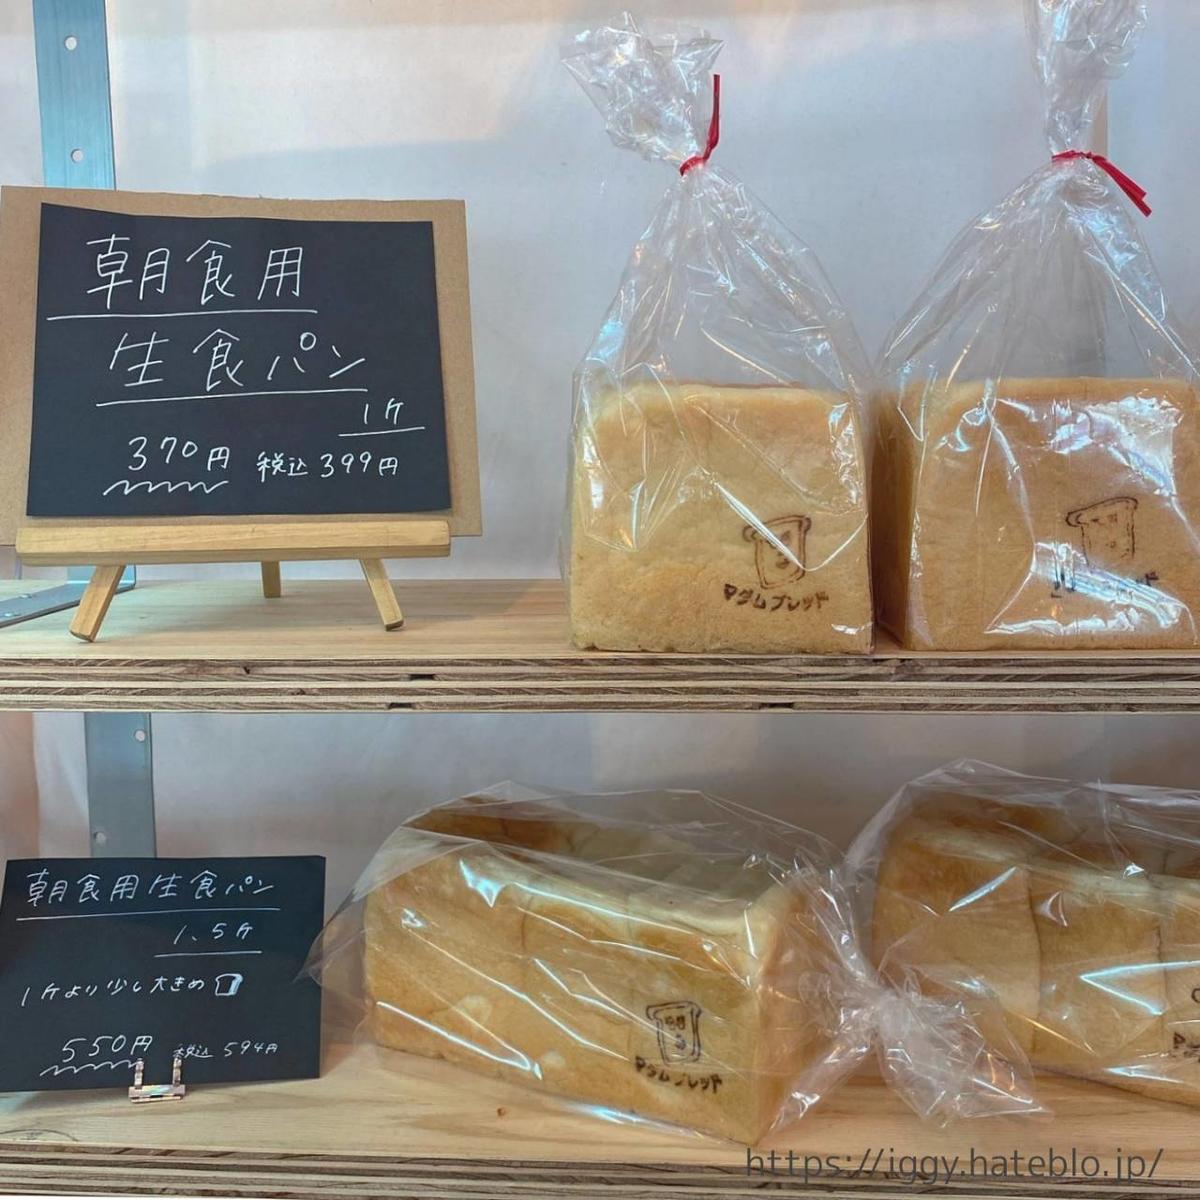 マダムブレッドマーケット 生食パン メニュー値段